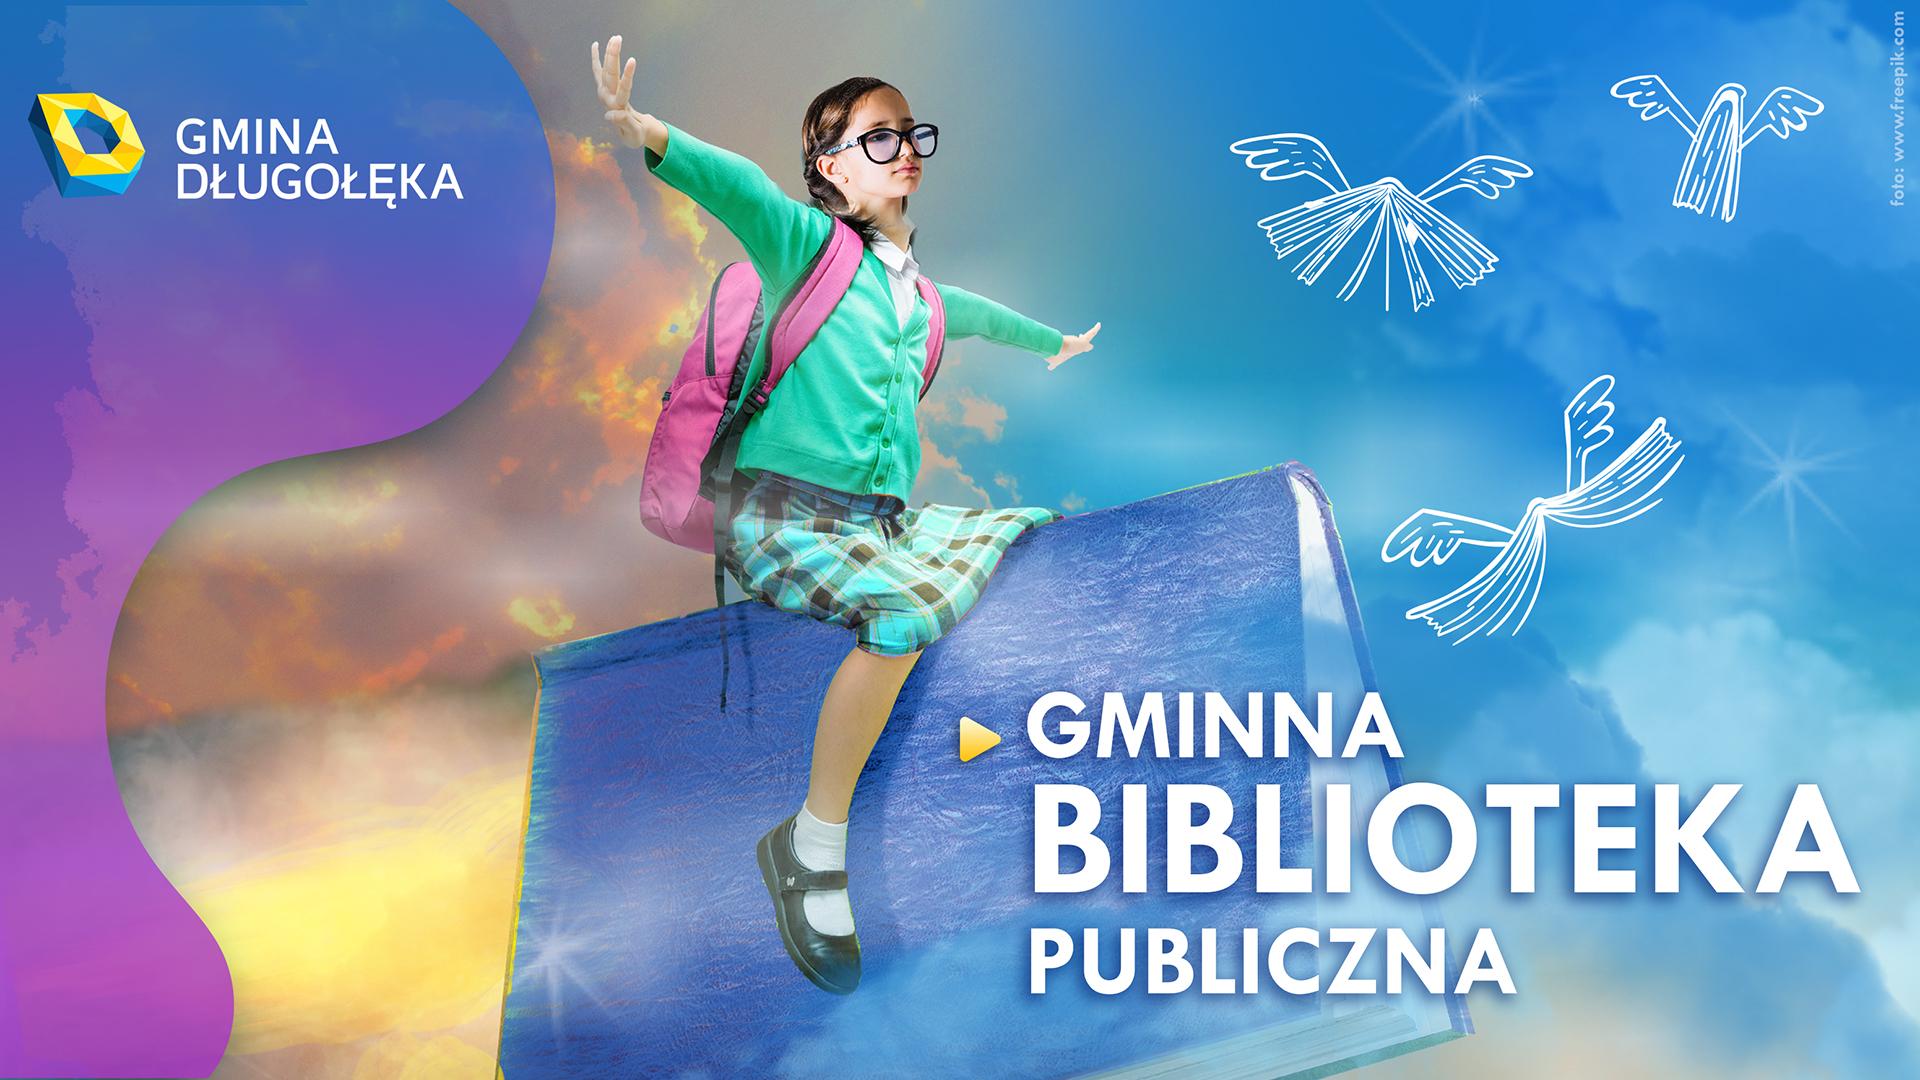 """Ogólnopolski Tydzień Bibliotek """"Znajdziesz mnie w bibliotece"""" – org. Gminna Biblioteka Publiczna w Długołęce"""